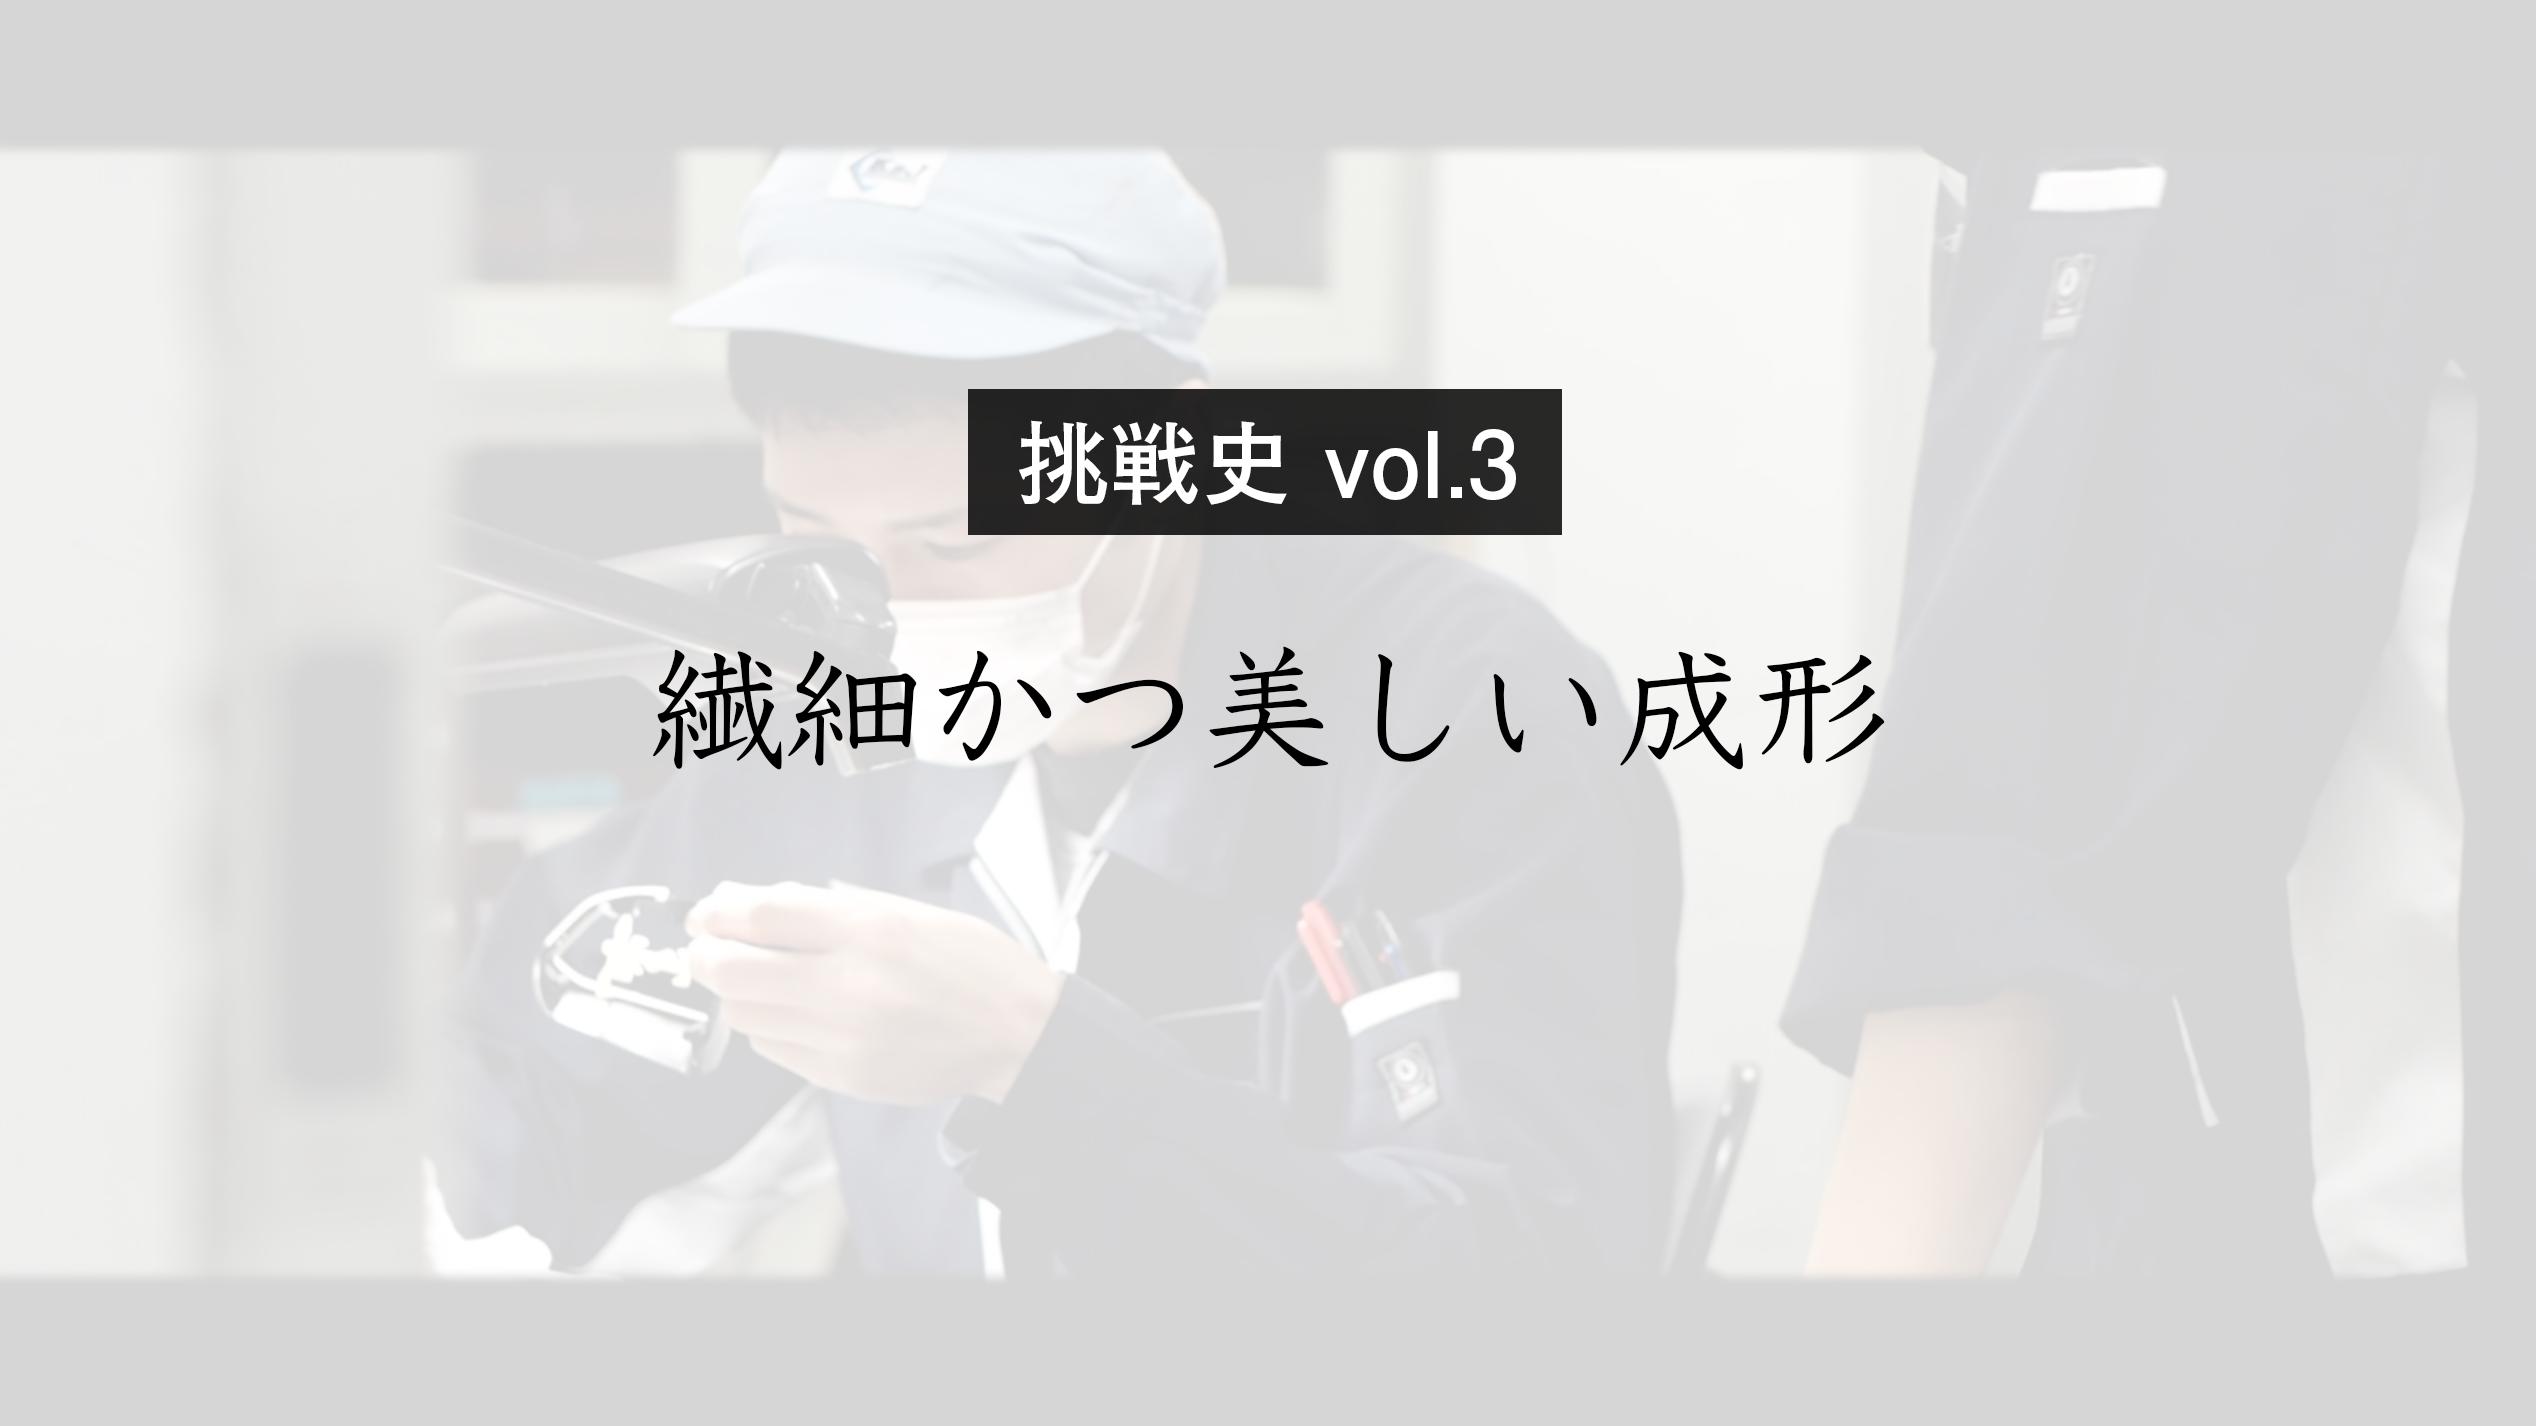 【挑戦史 vol.3】電池パック 端子部品のインサート成形